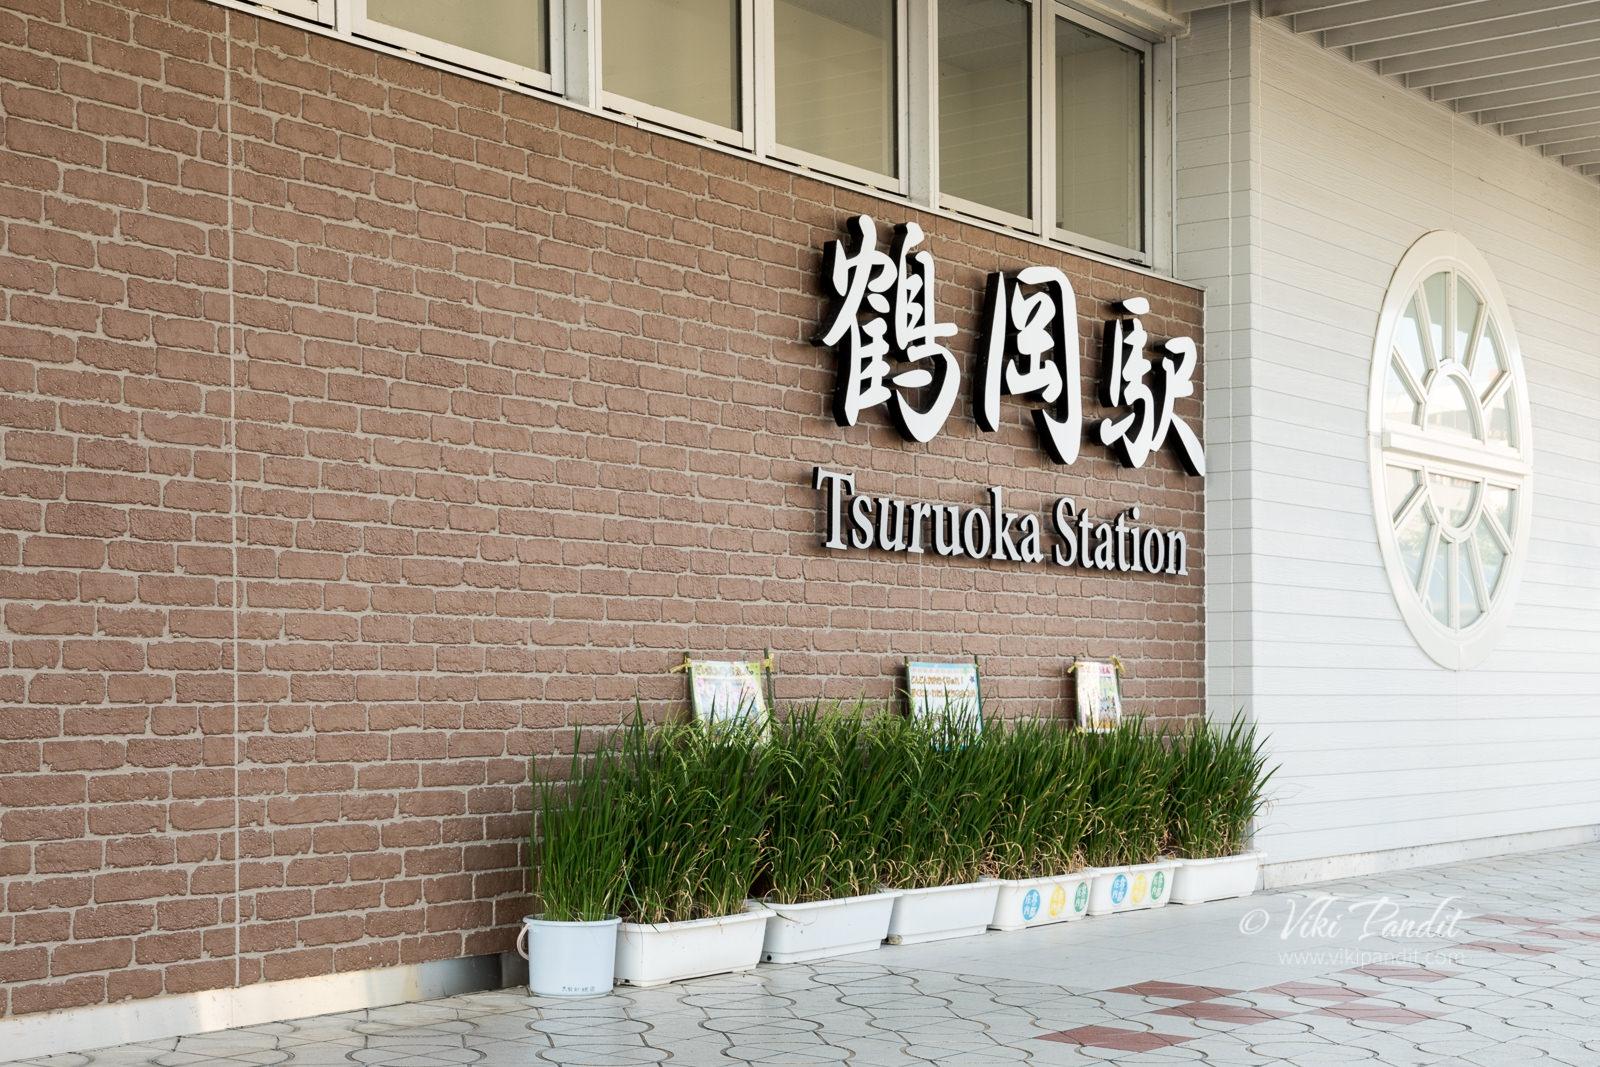 Tsuruoka Station